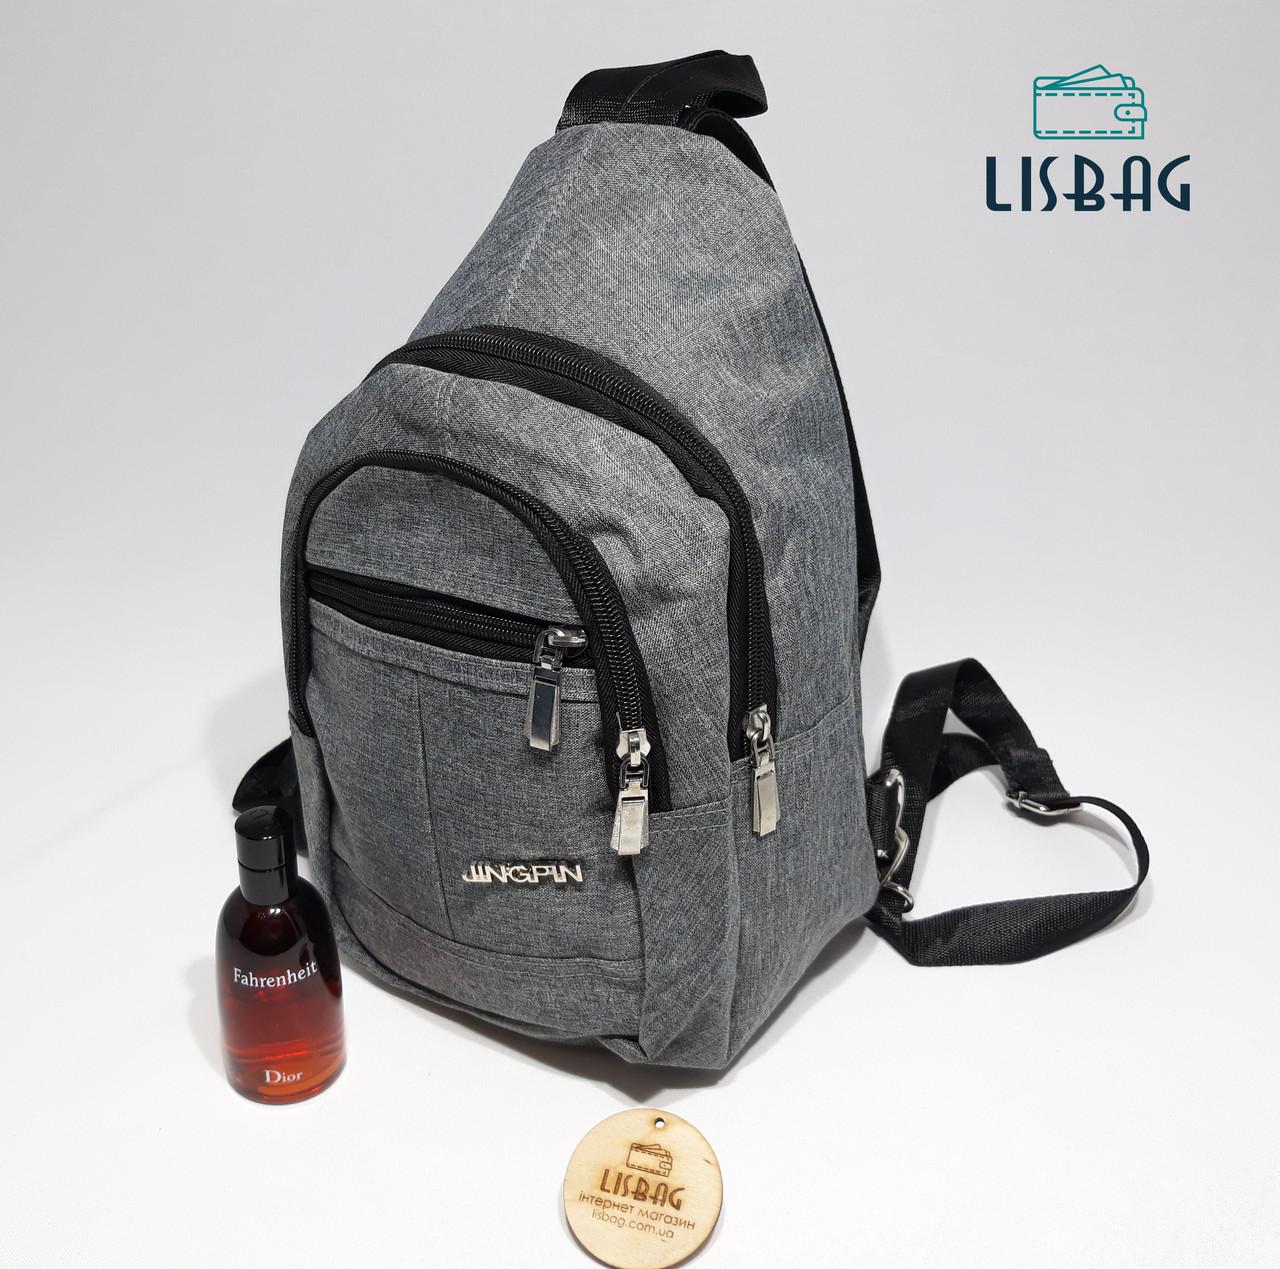 8e3a863baa89 Сумка 3в1 на пояс, через плече, рюкзак,очень удобная в использовании мужская